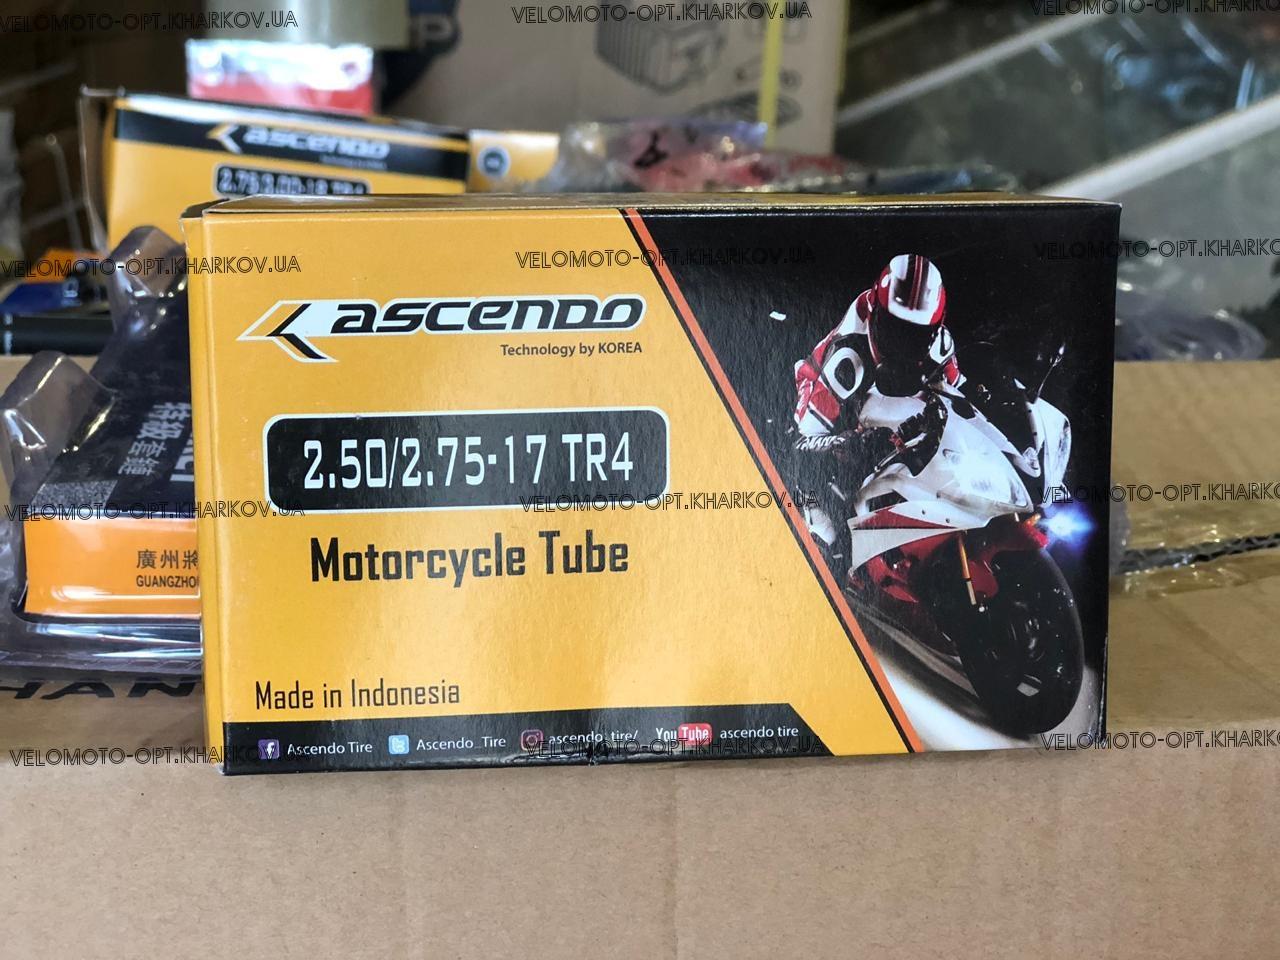 Камера Ascendo 2.50 / 2.75-17, відмінної якості, Індонезія